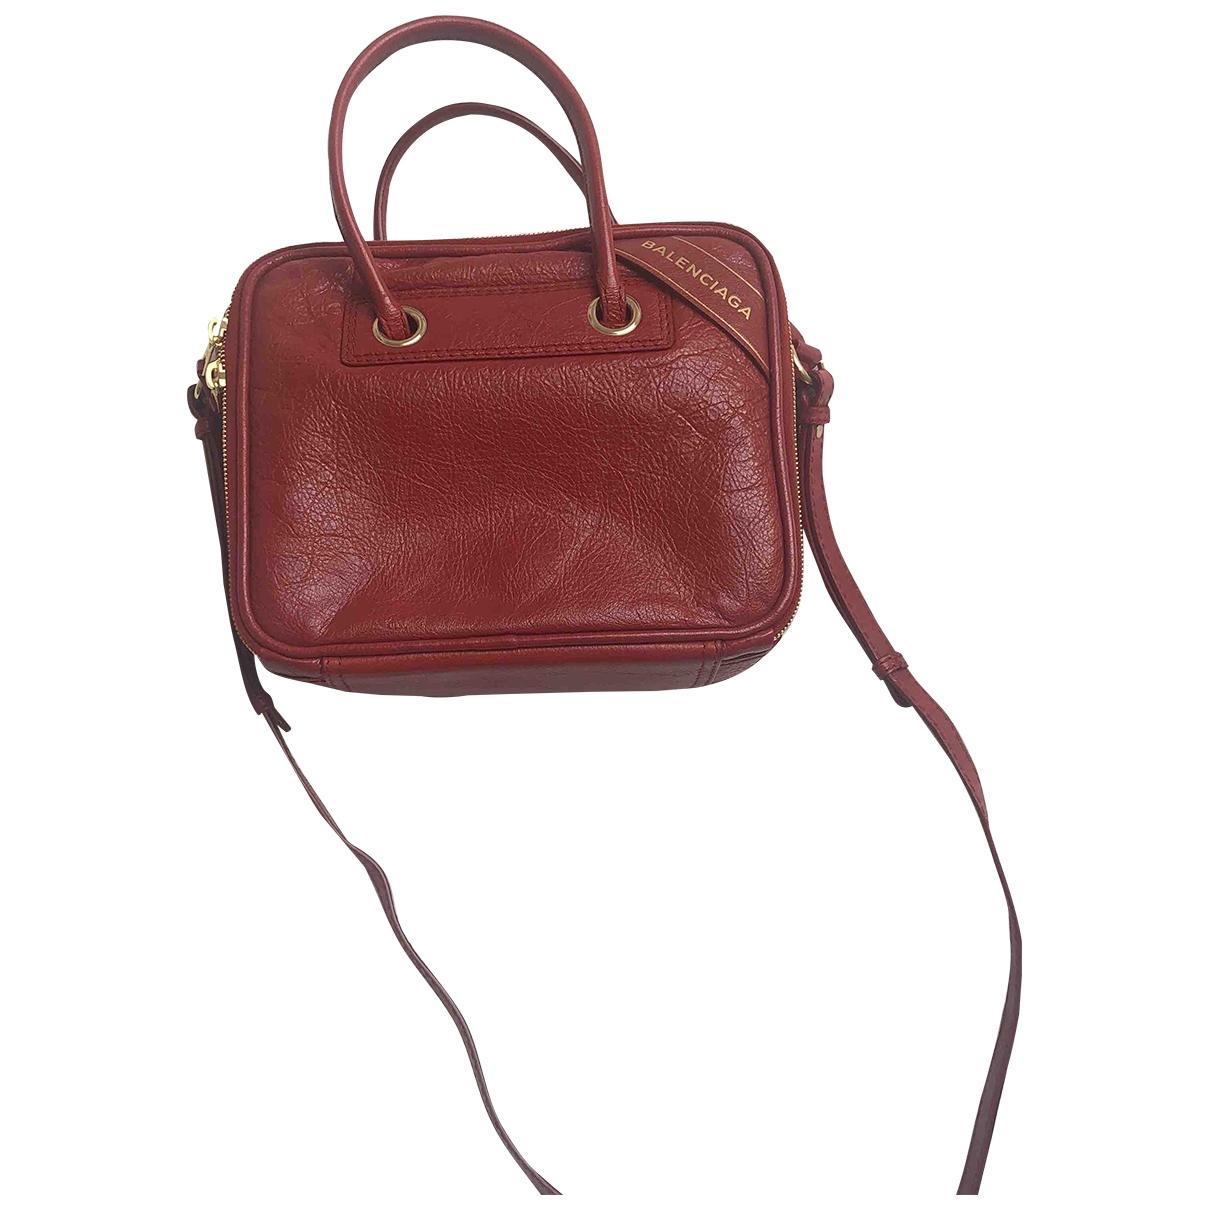 Balenciaga - Sac a main Blanket pour femme en cuir - rouge